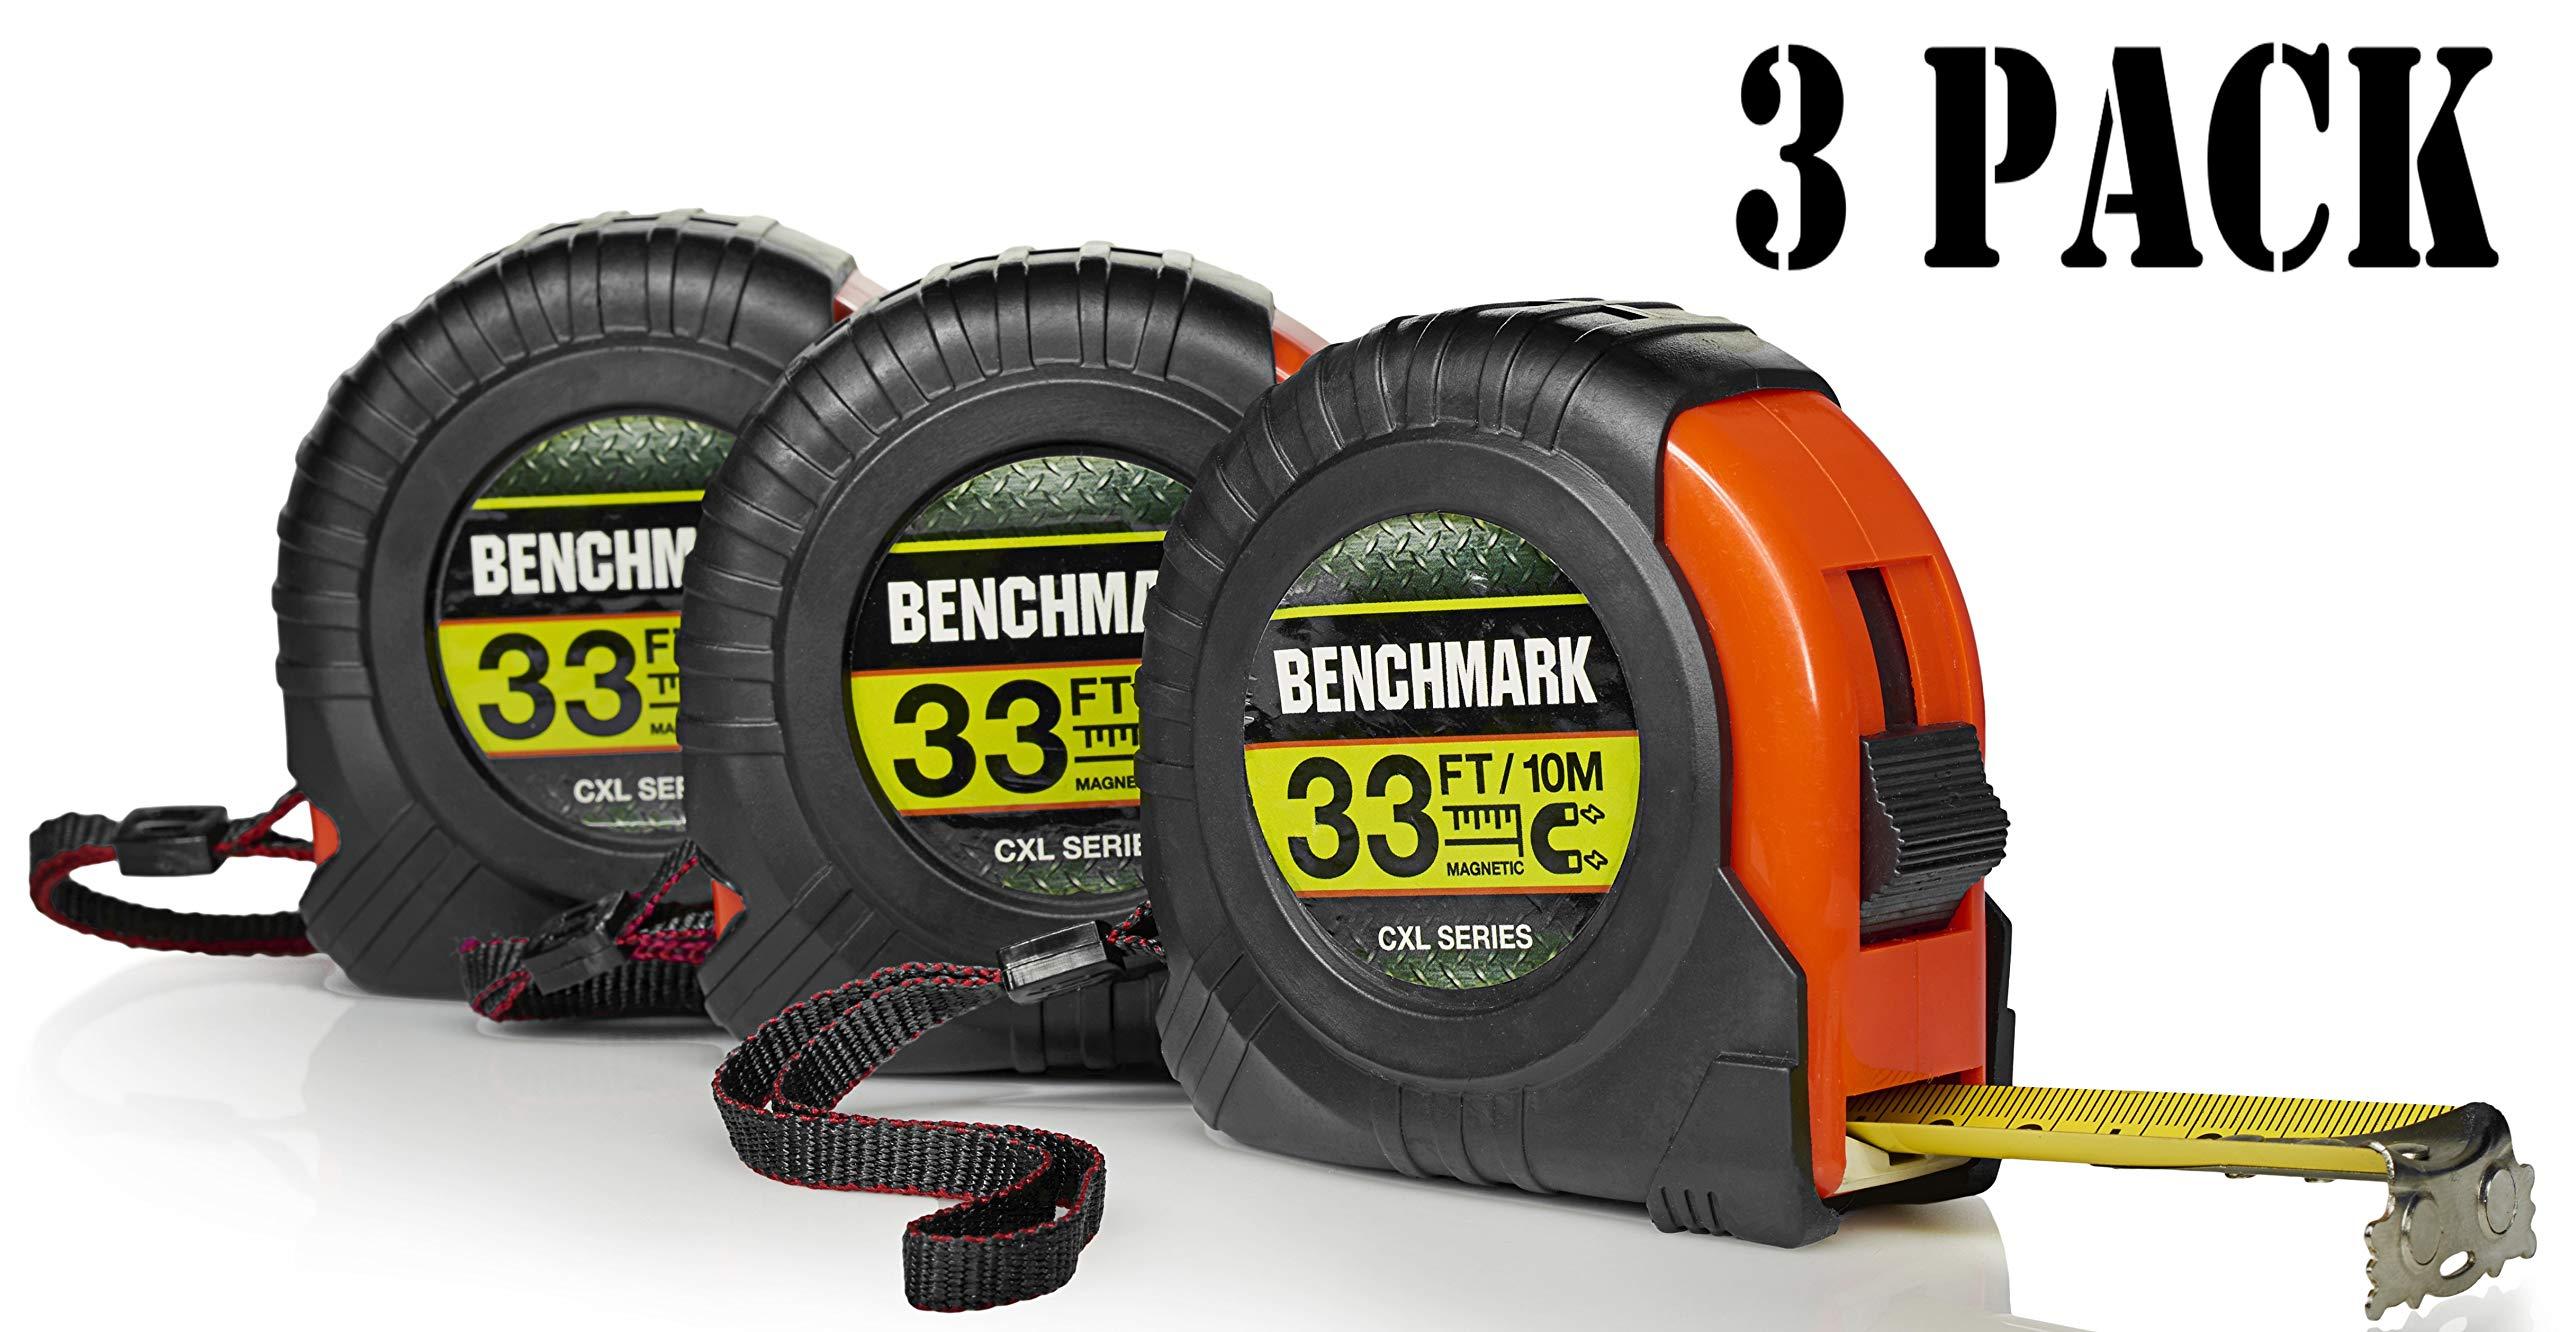 3 PACK - 33 Foot Tape Measure - Benchmark CXL Series - Measuring Tape/Tape Measures by Benchmark